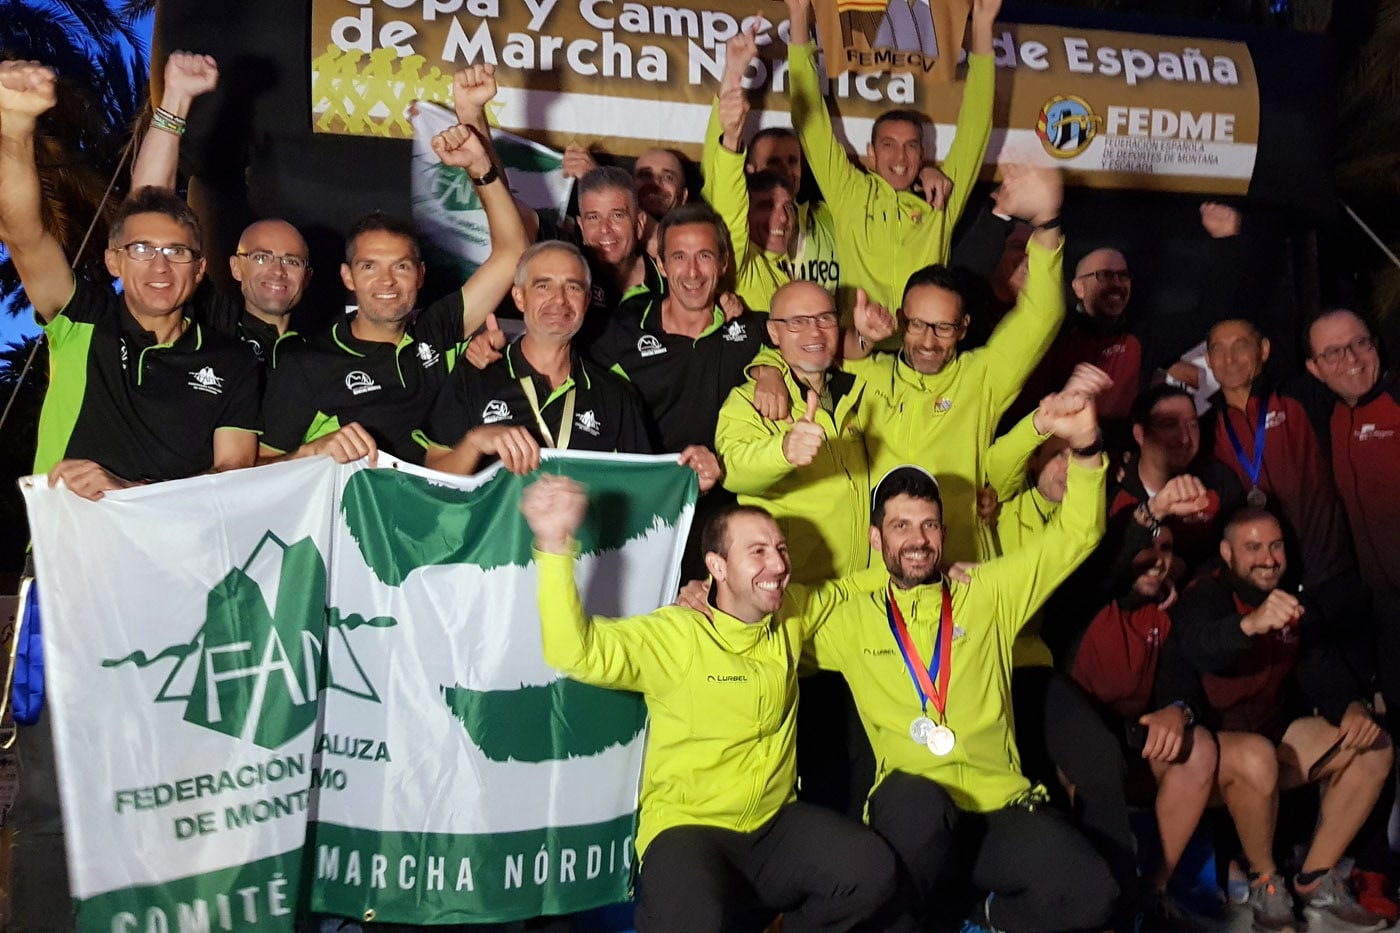 Anka Englisova y María Maestro se proclaman campeonas de España con la Selección Andaluza de Marcha Nórdica y Kike Villanueva sucampeón con la selección masculina